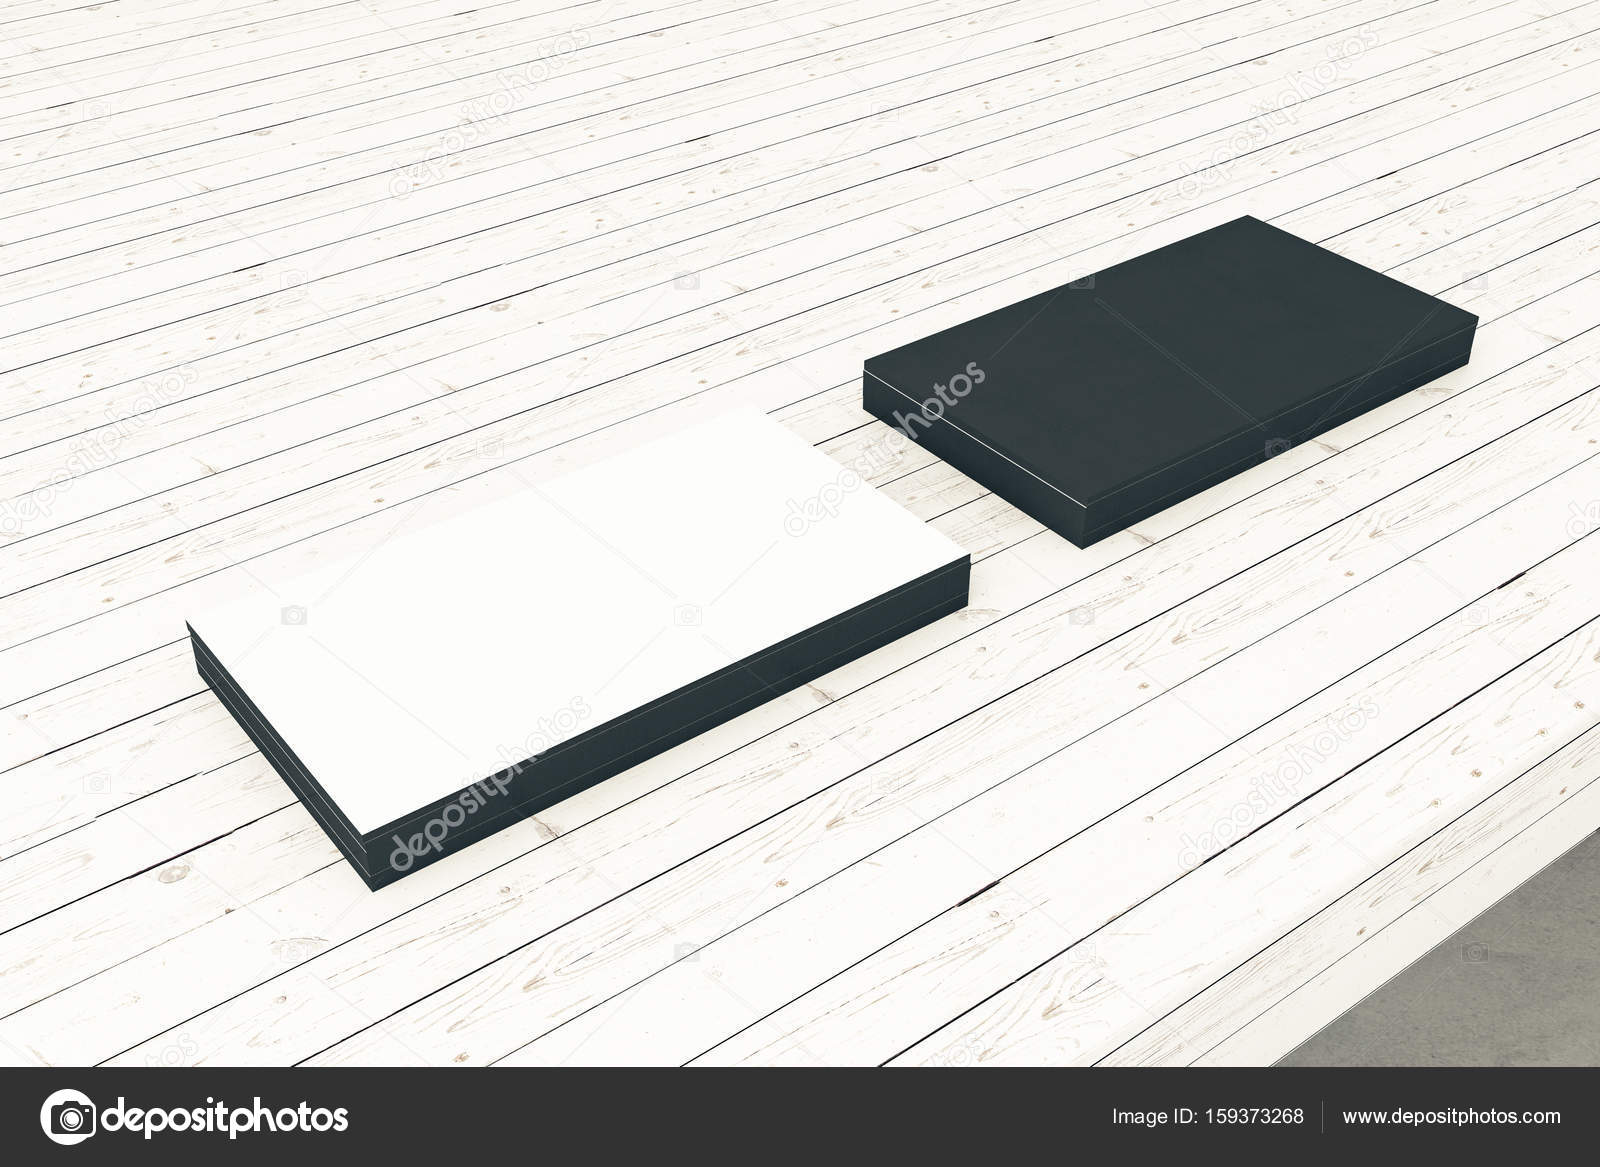 Surface De La Planche Bois Clair Avec Des Cartes Visite Vides Noir Et Blancs Concept Info Images Stock Libres Droits